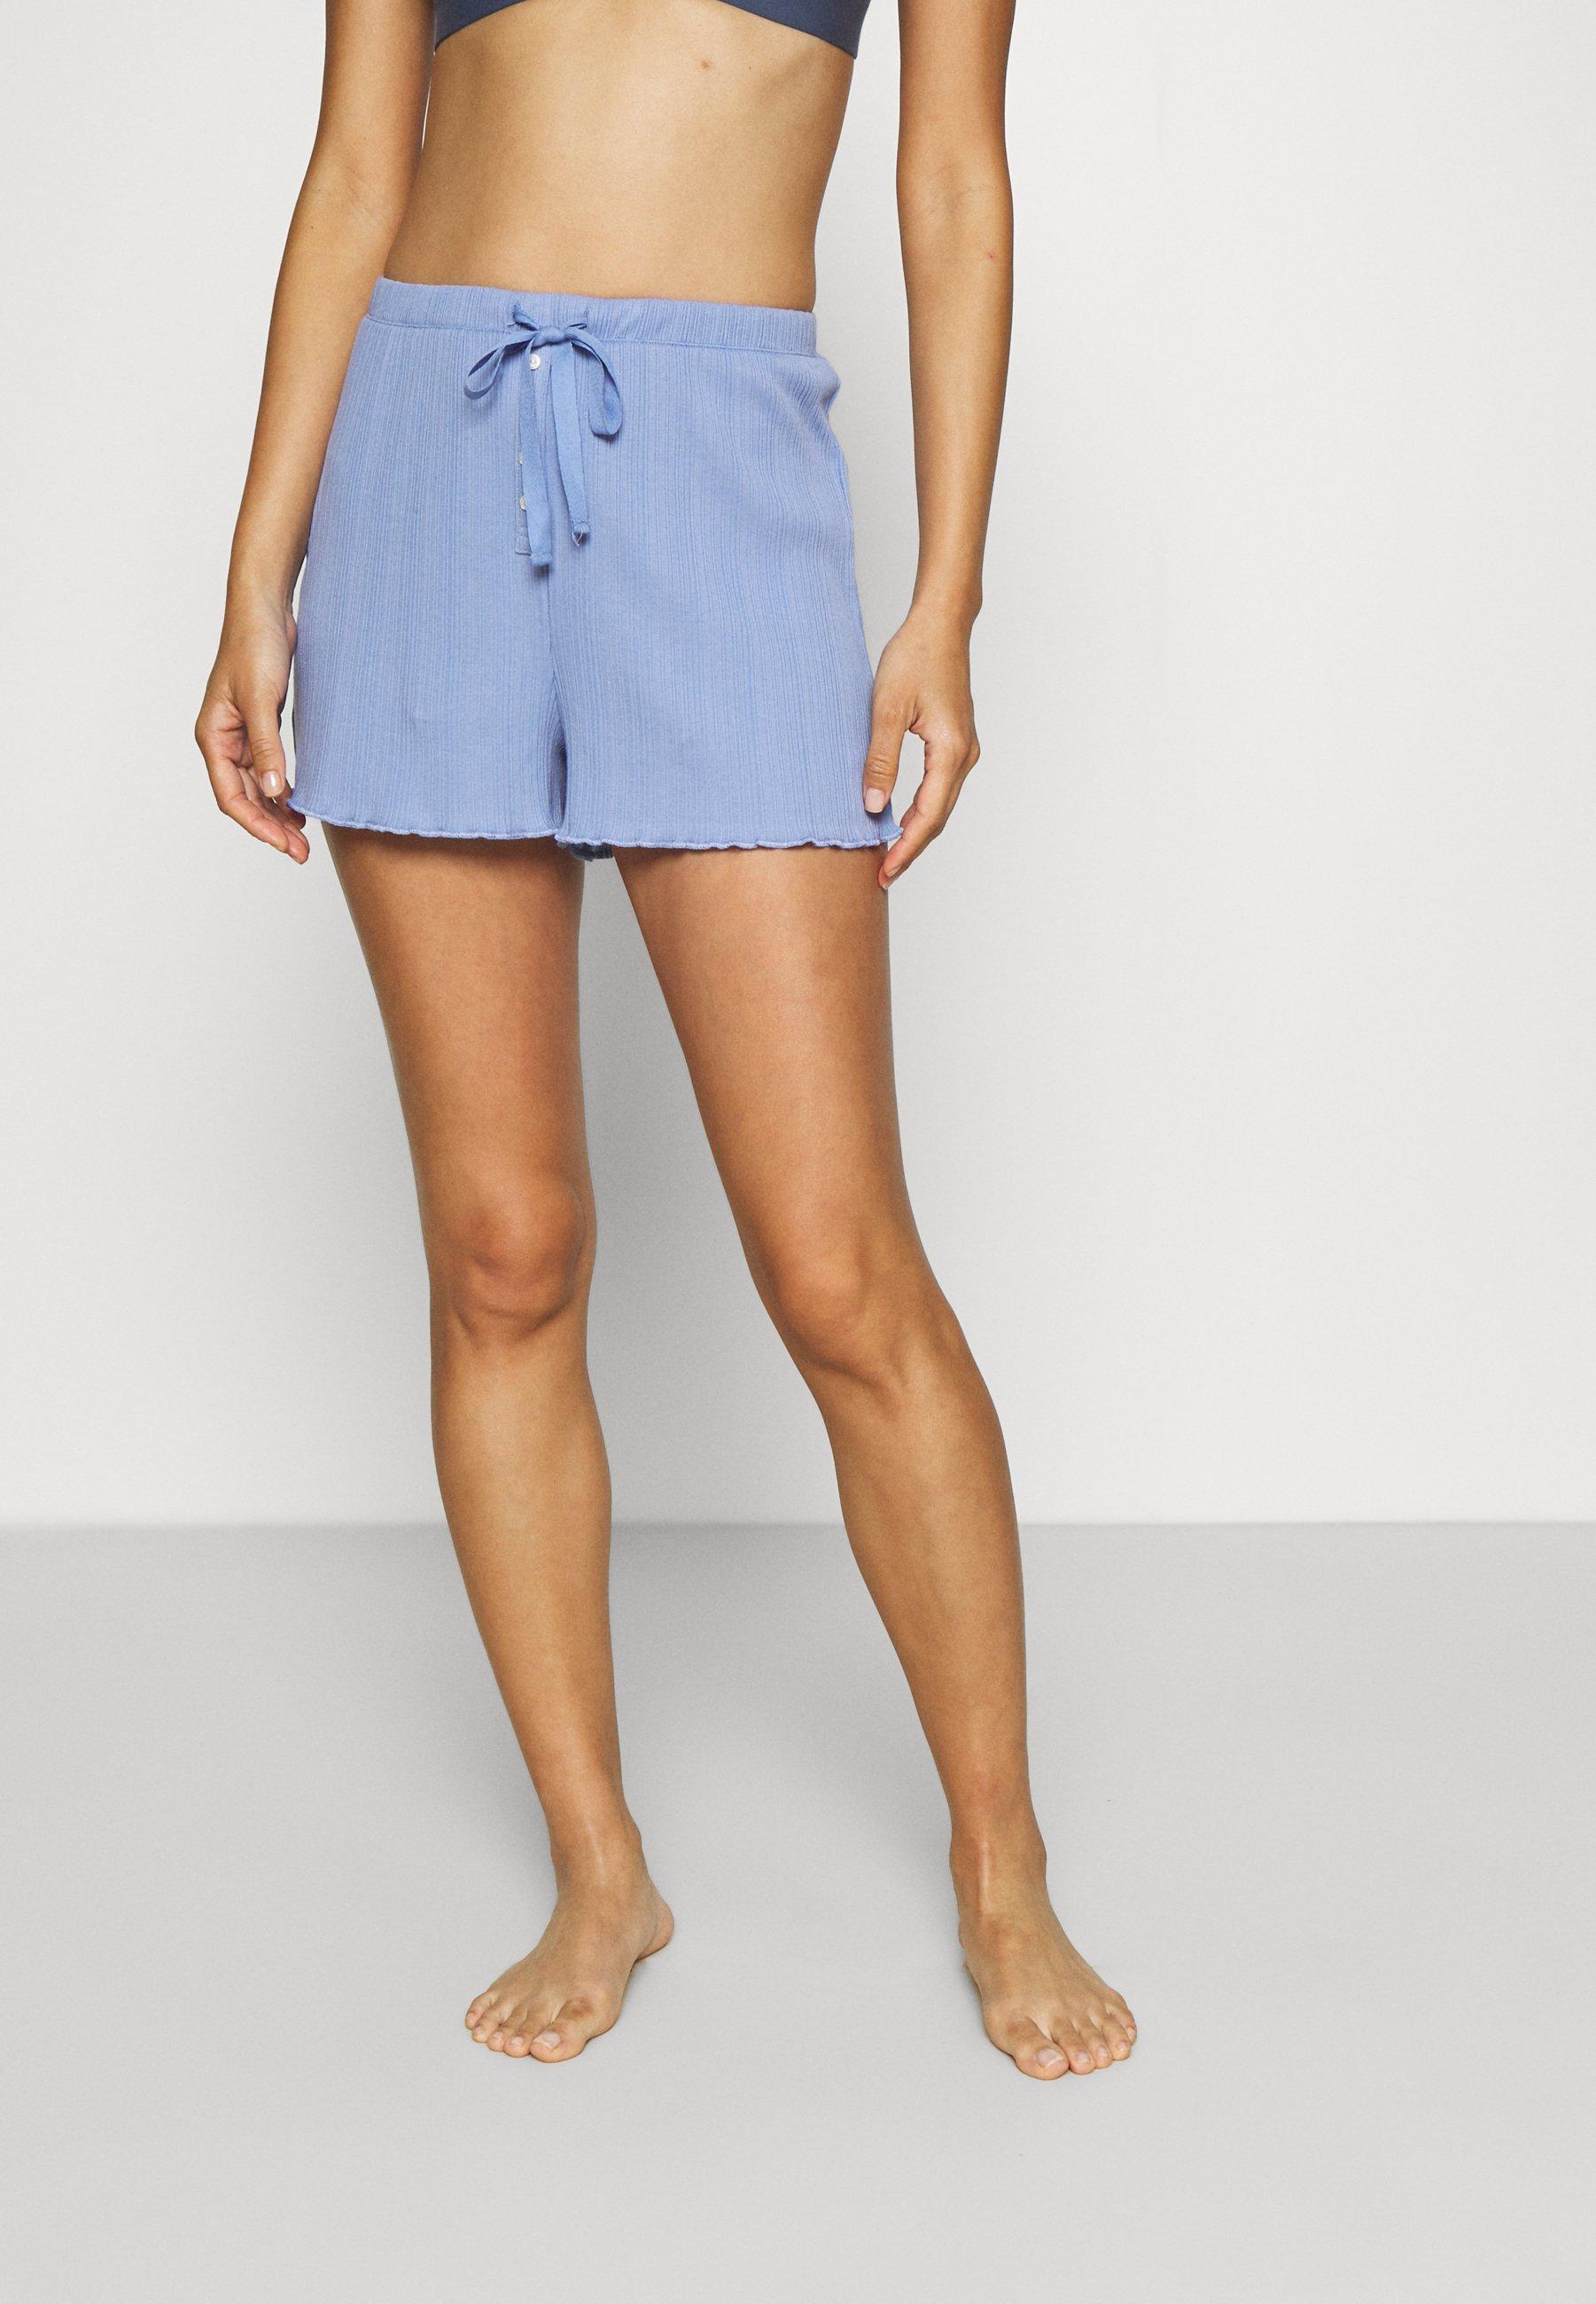 Damen SHORT - Nachtwäsche Hose